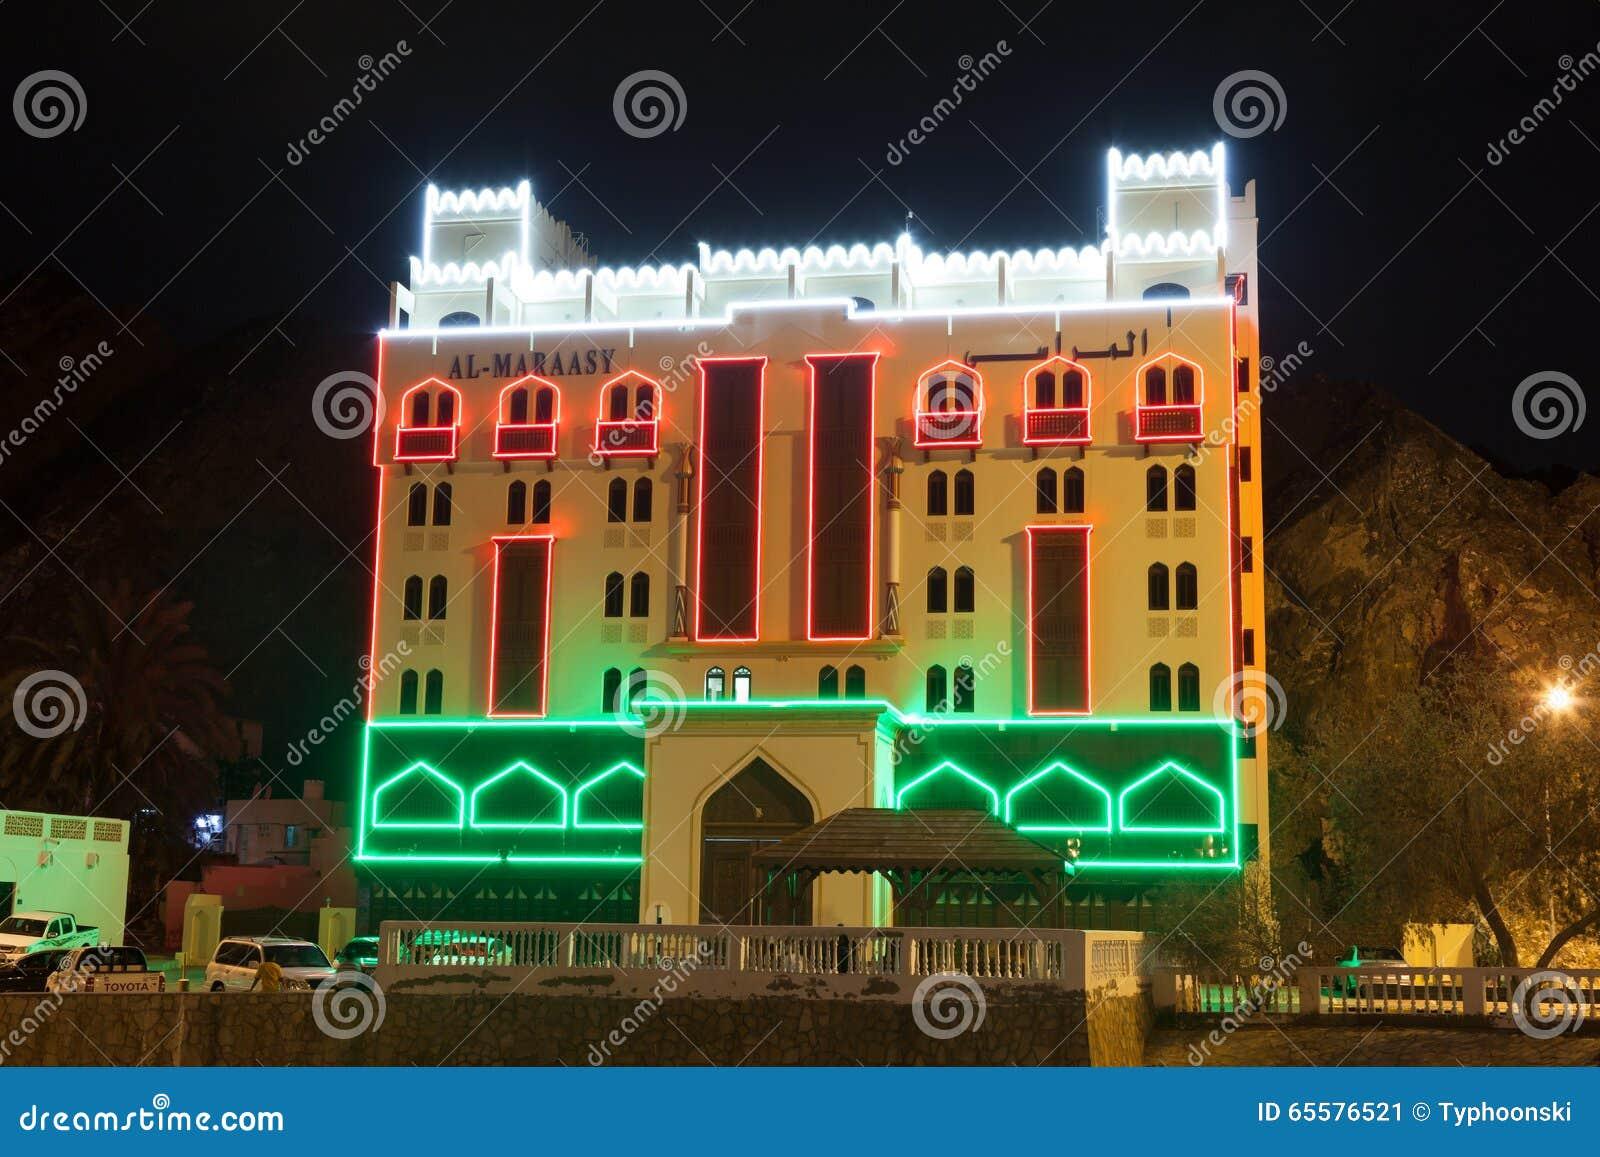 Hotel de Al Maraasy em Muscat, Omã